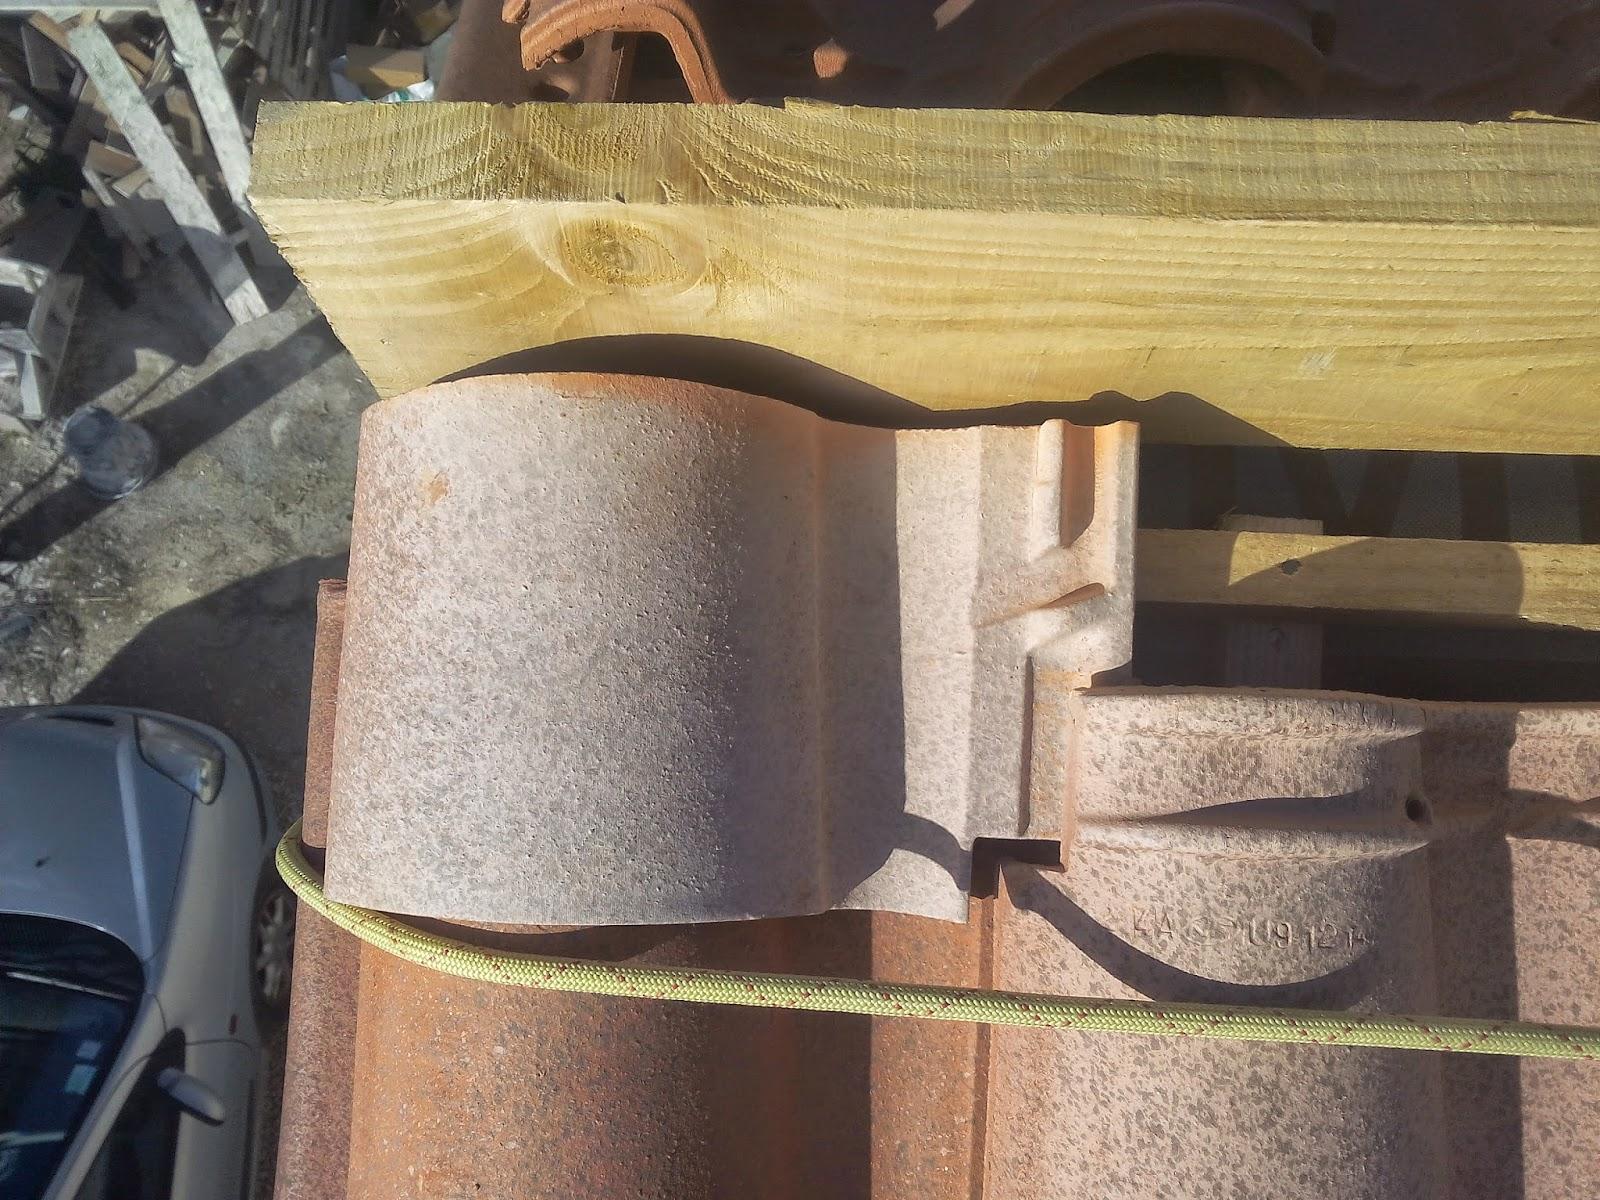 Couper tuile terre cuite mosaque plat compos de morceaux de vitrail coup main verre tuiles et - Rehausse beton ronde ...